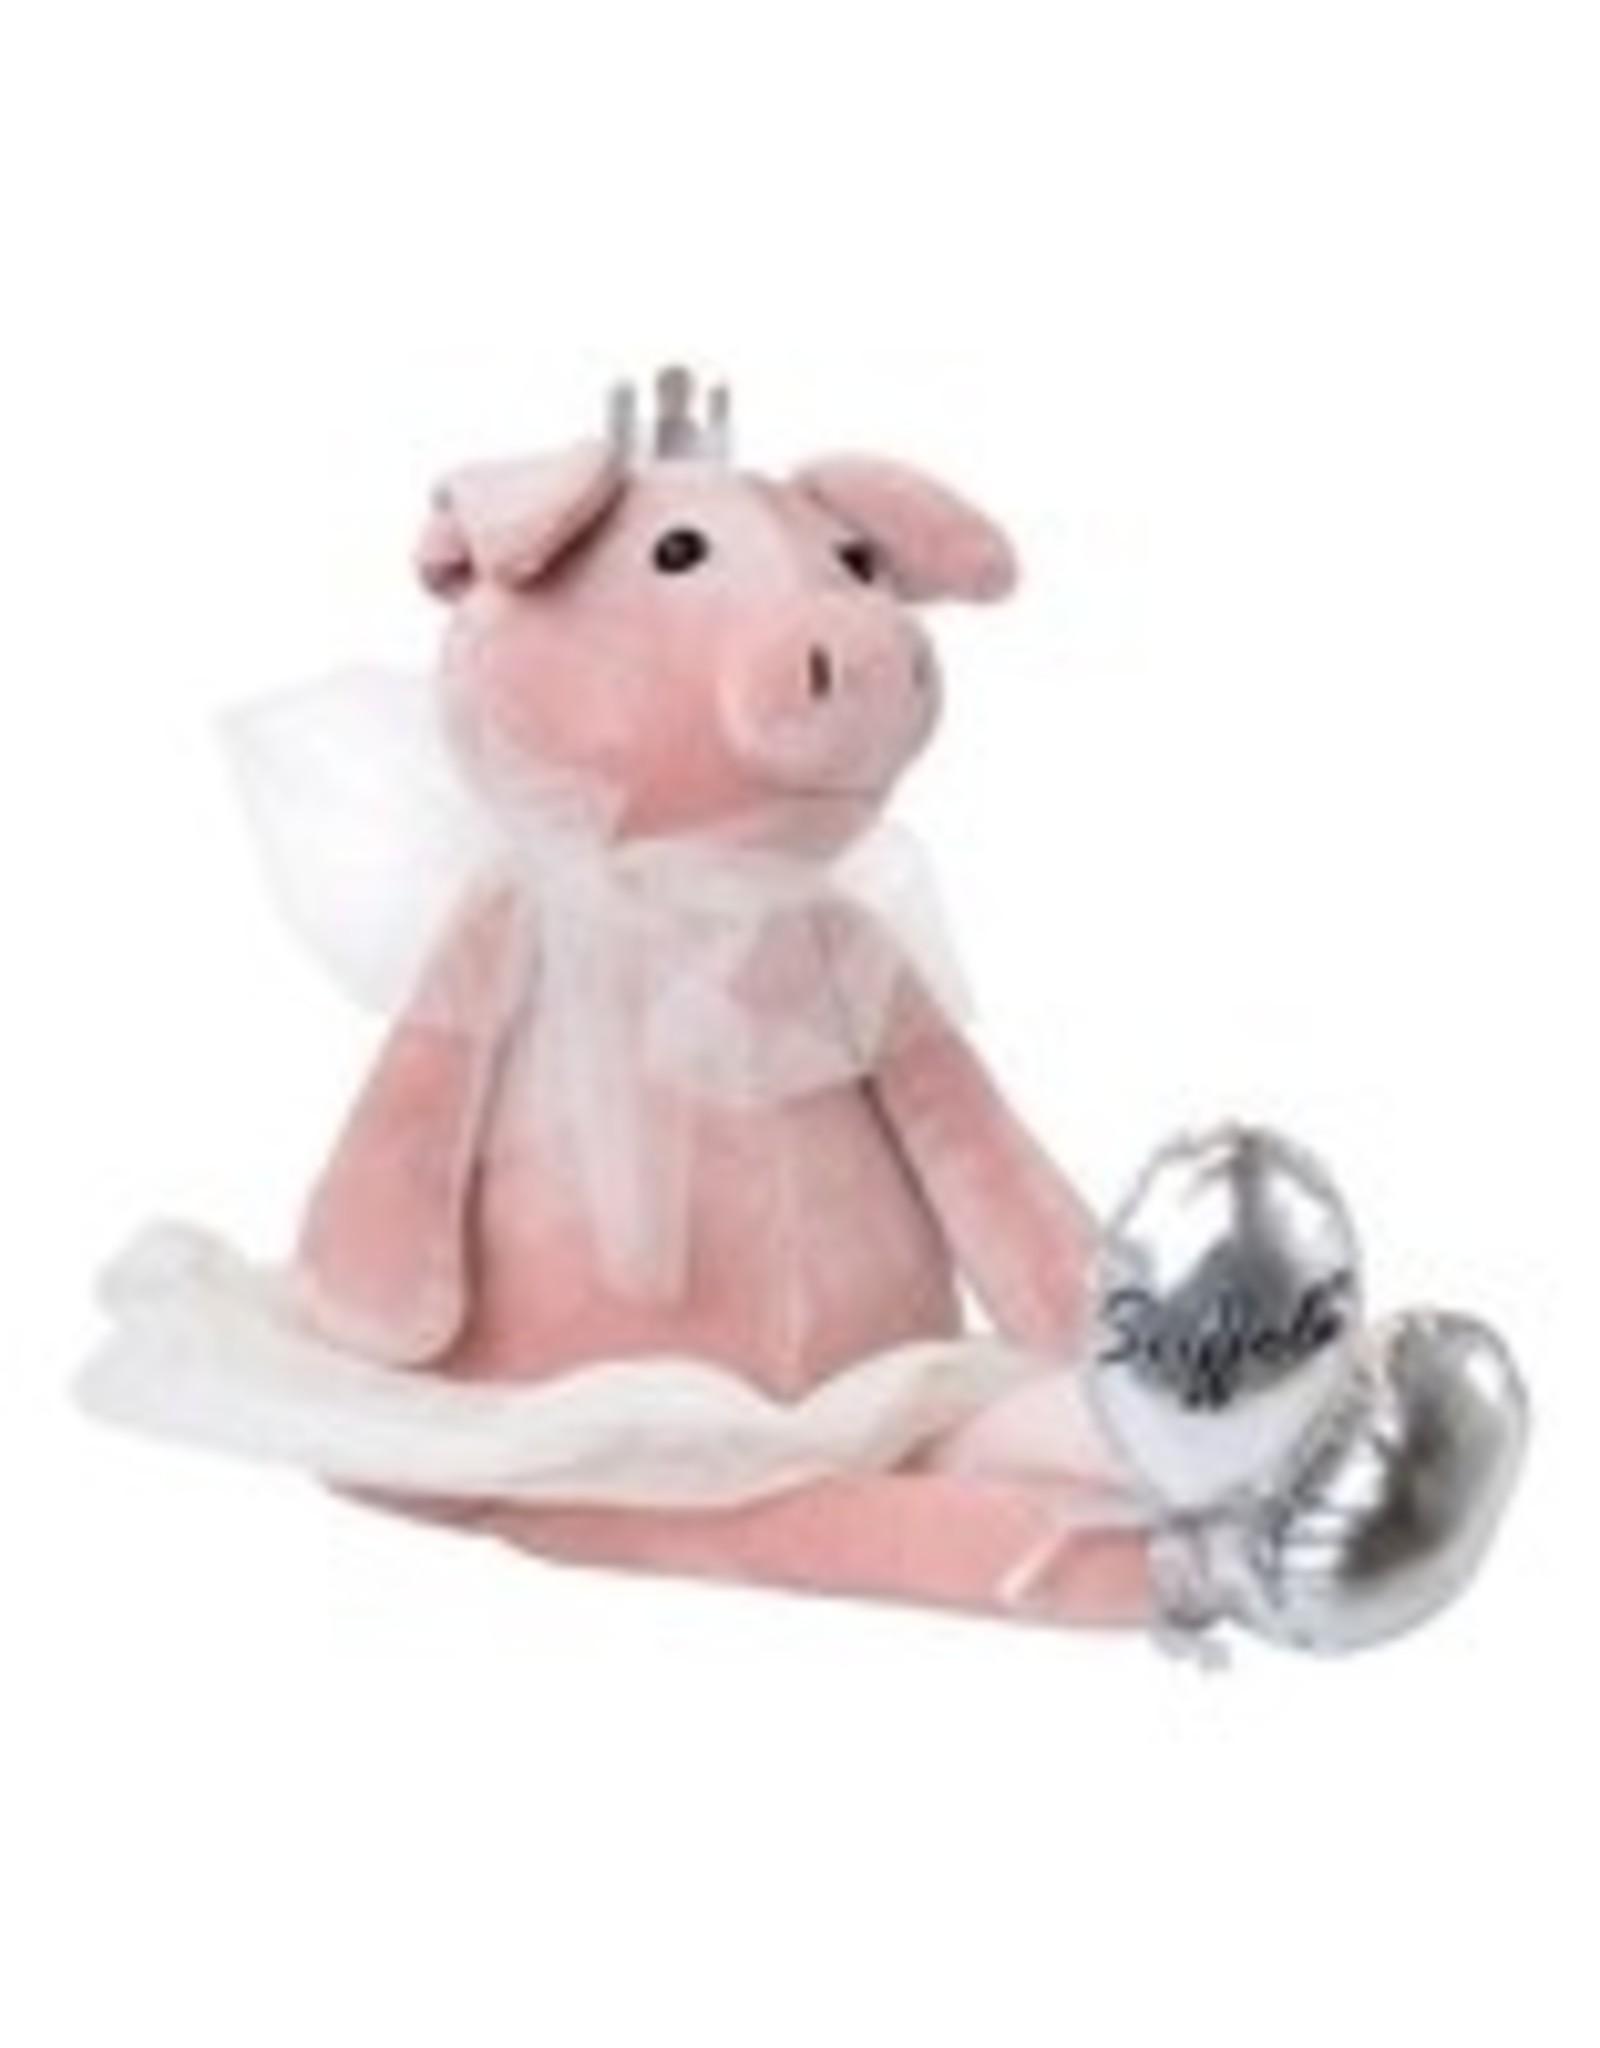 Suffolk Suffolk Pig Doll (1577)